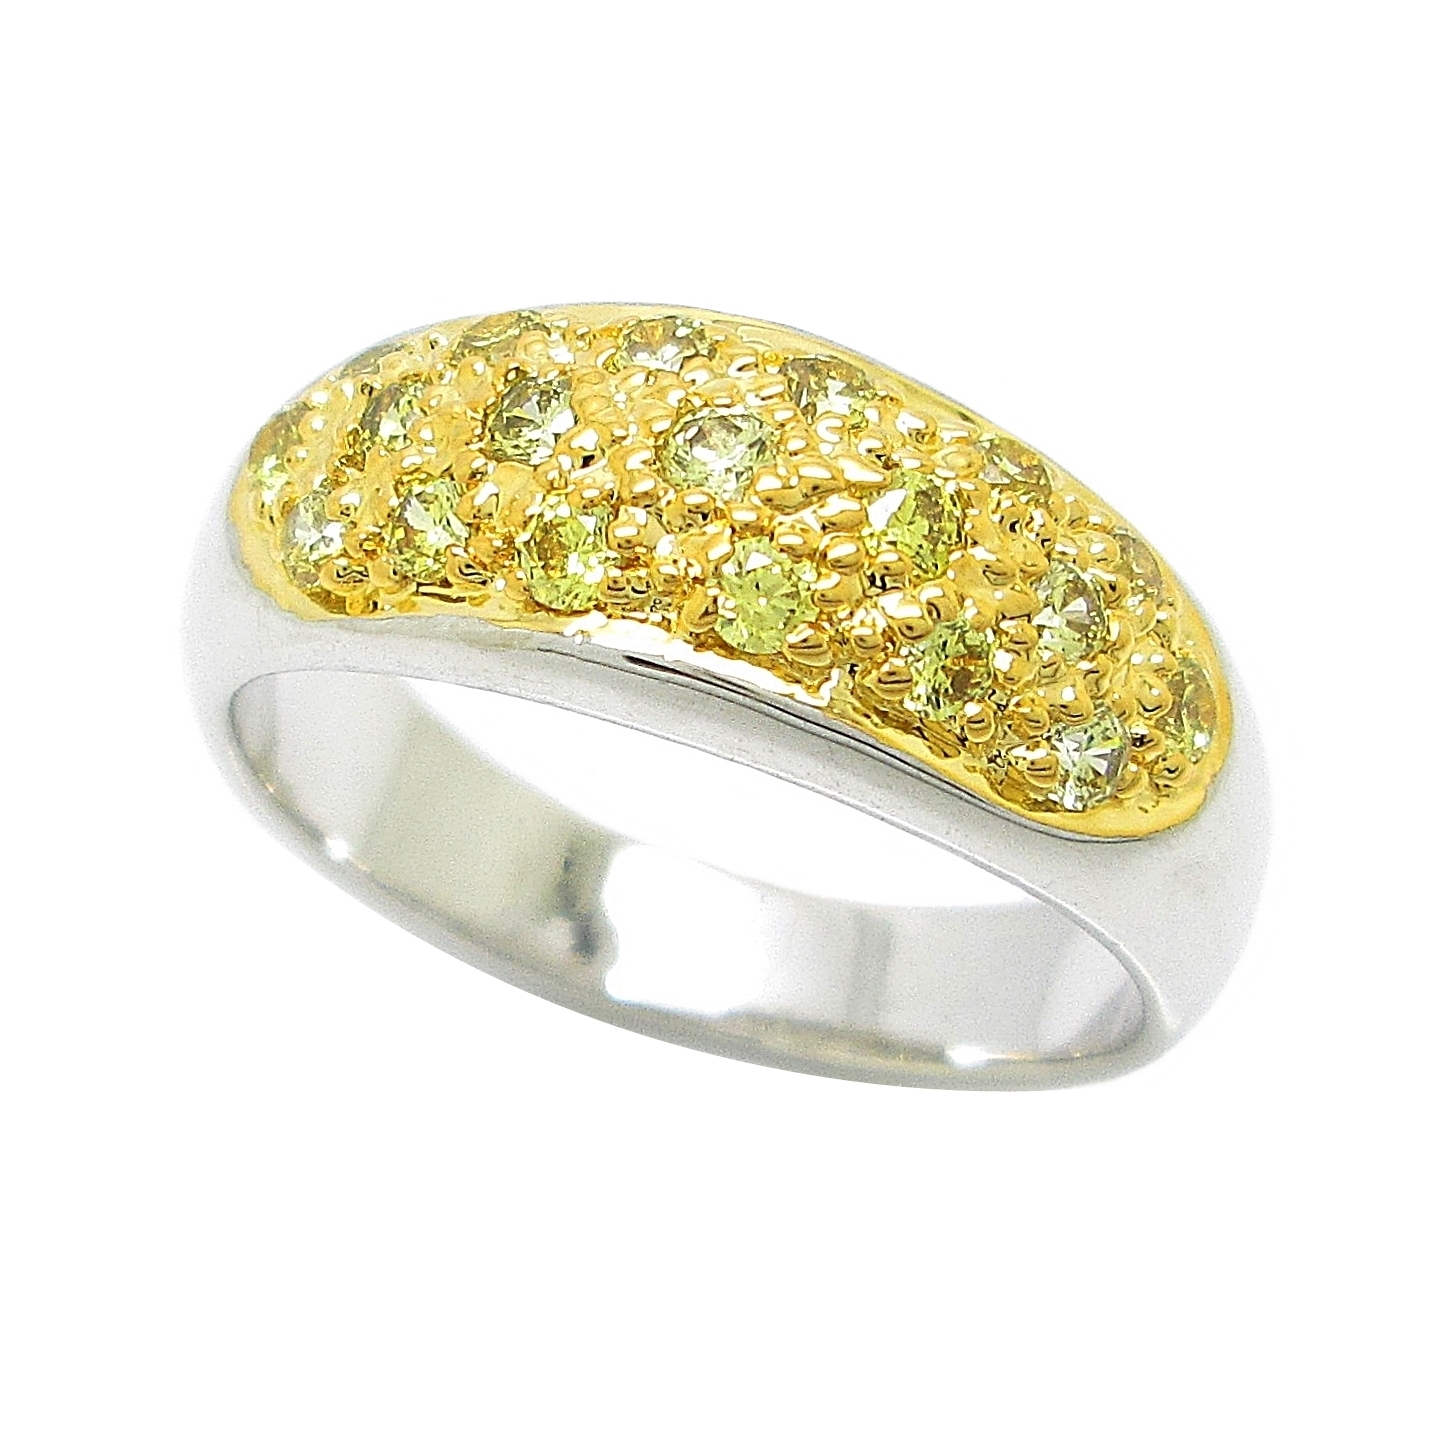 แหวนประดับพลอยบุศราคัมจิกไข่ปลาชุบทองคำขาว